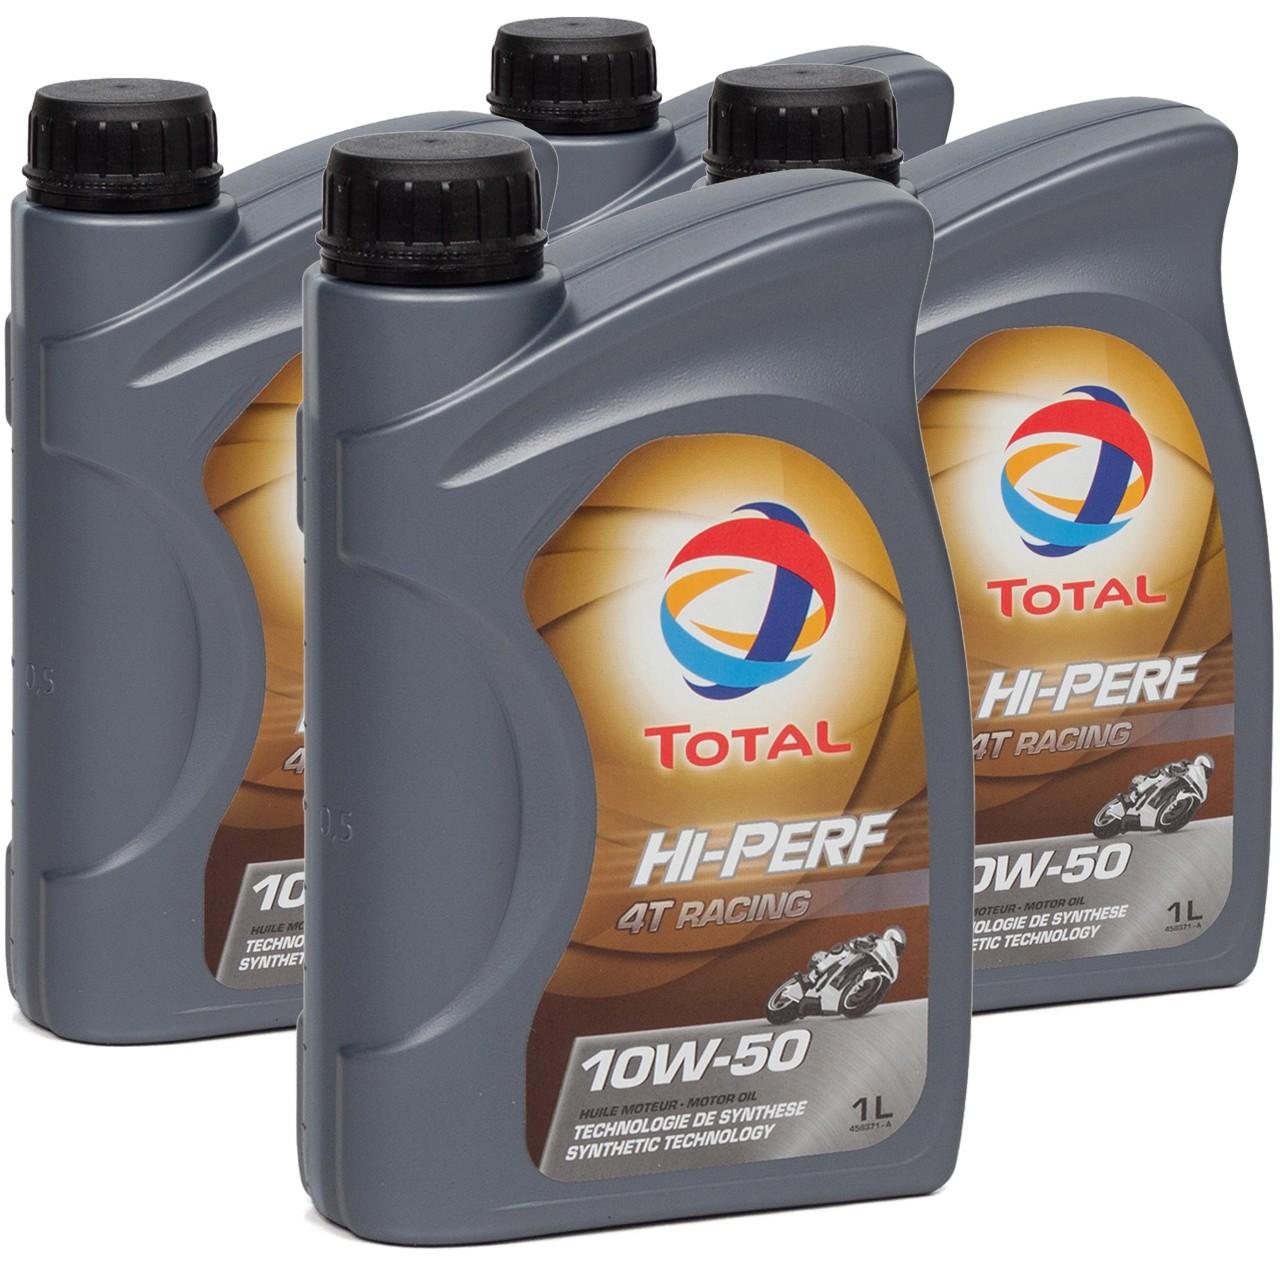 TOTAL HI-PERF 4T RACING Motoröl Öl 10W-50 10W50 API SN JASO MA-2 - 4L 4 Liter